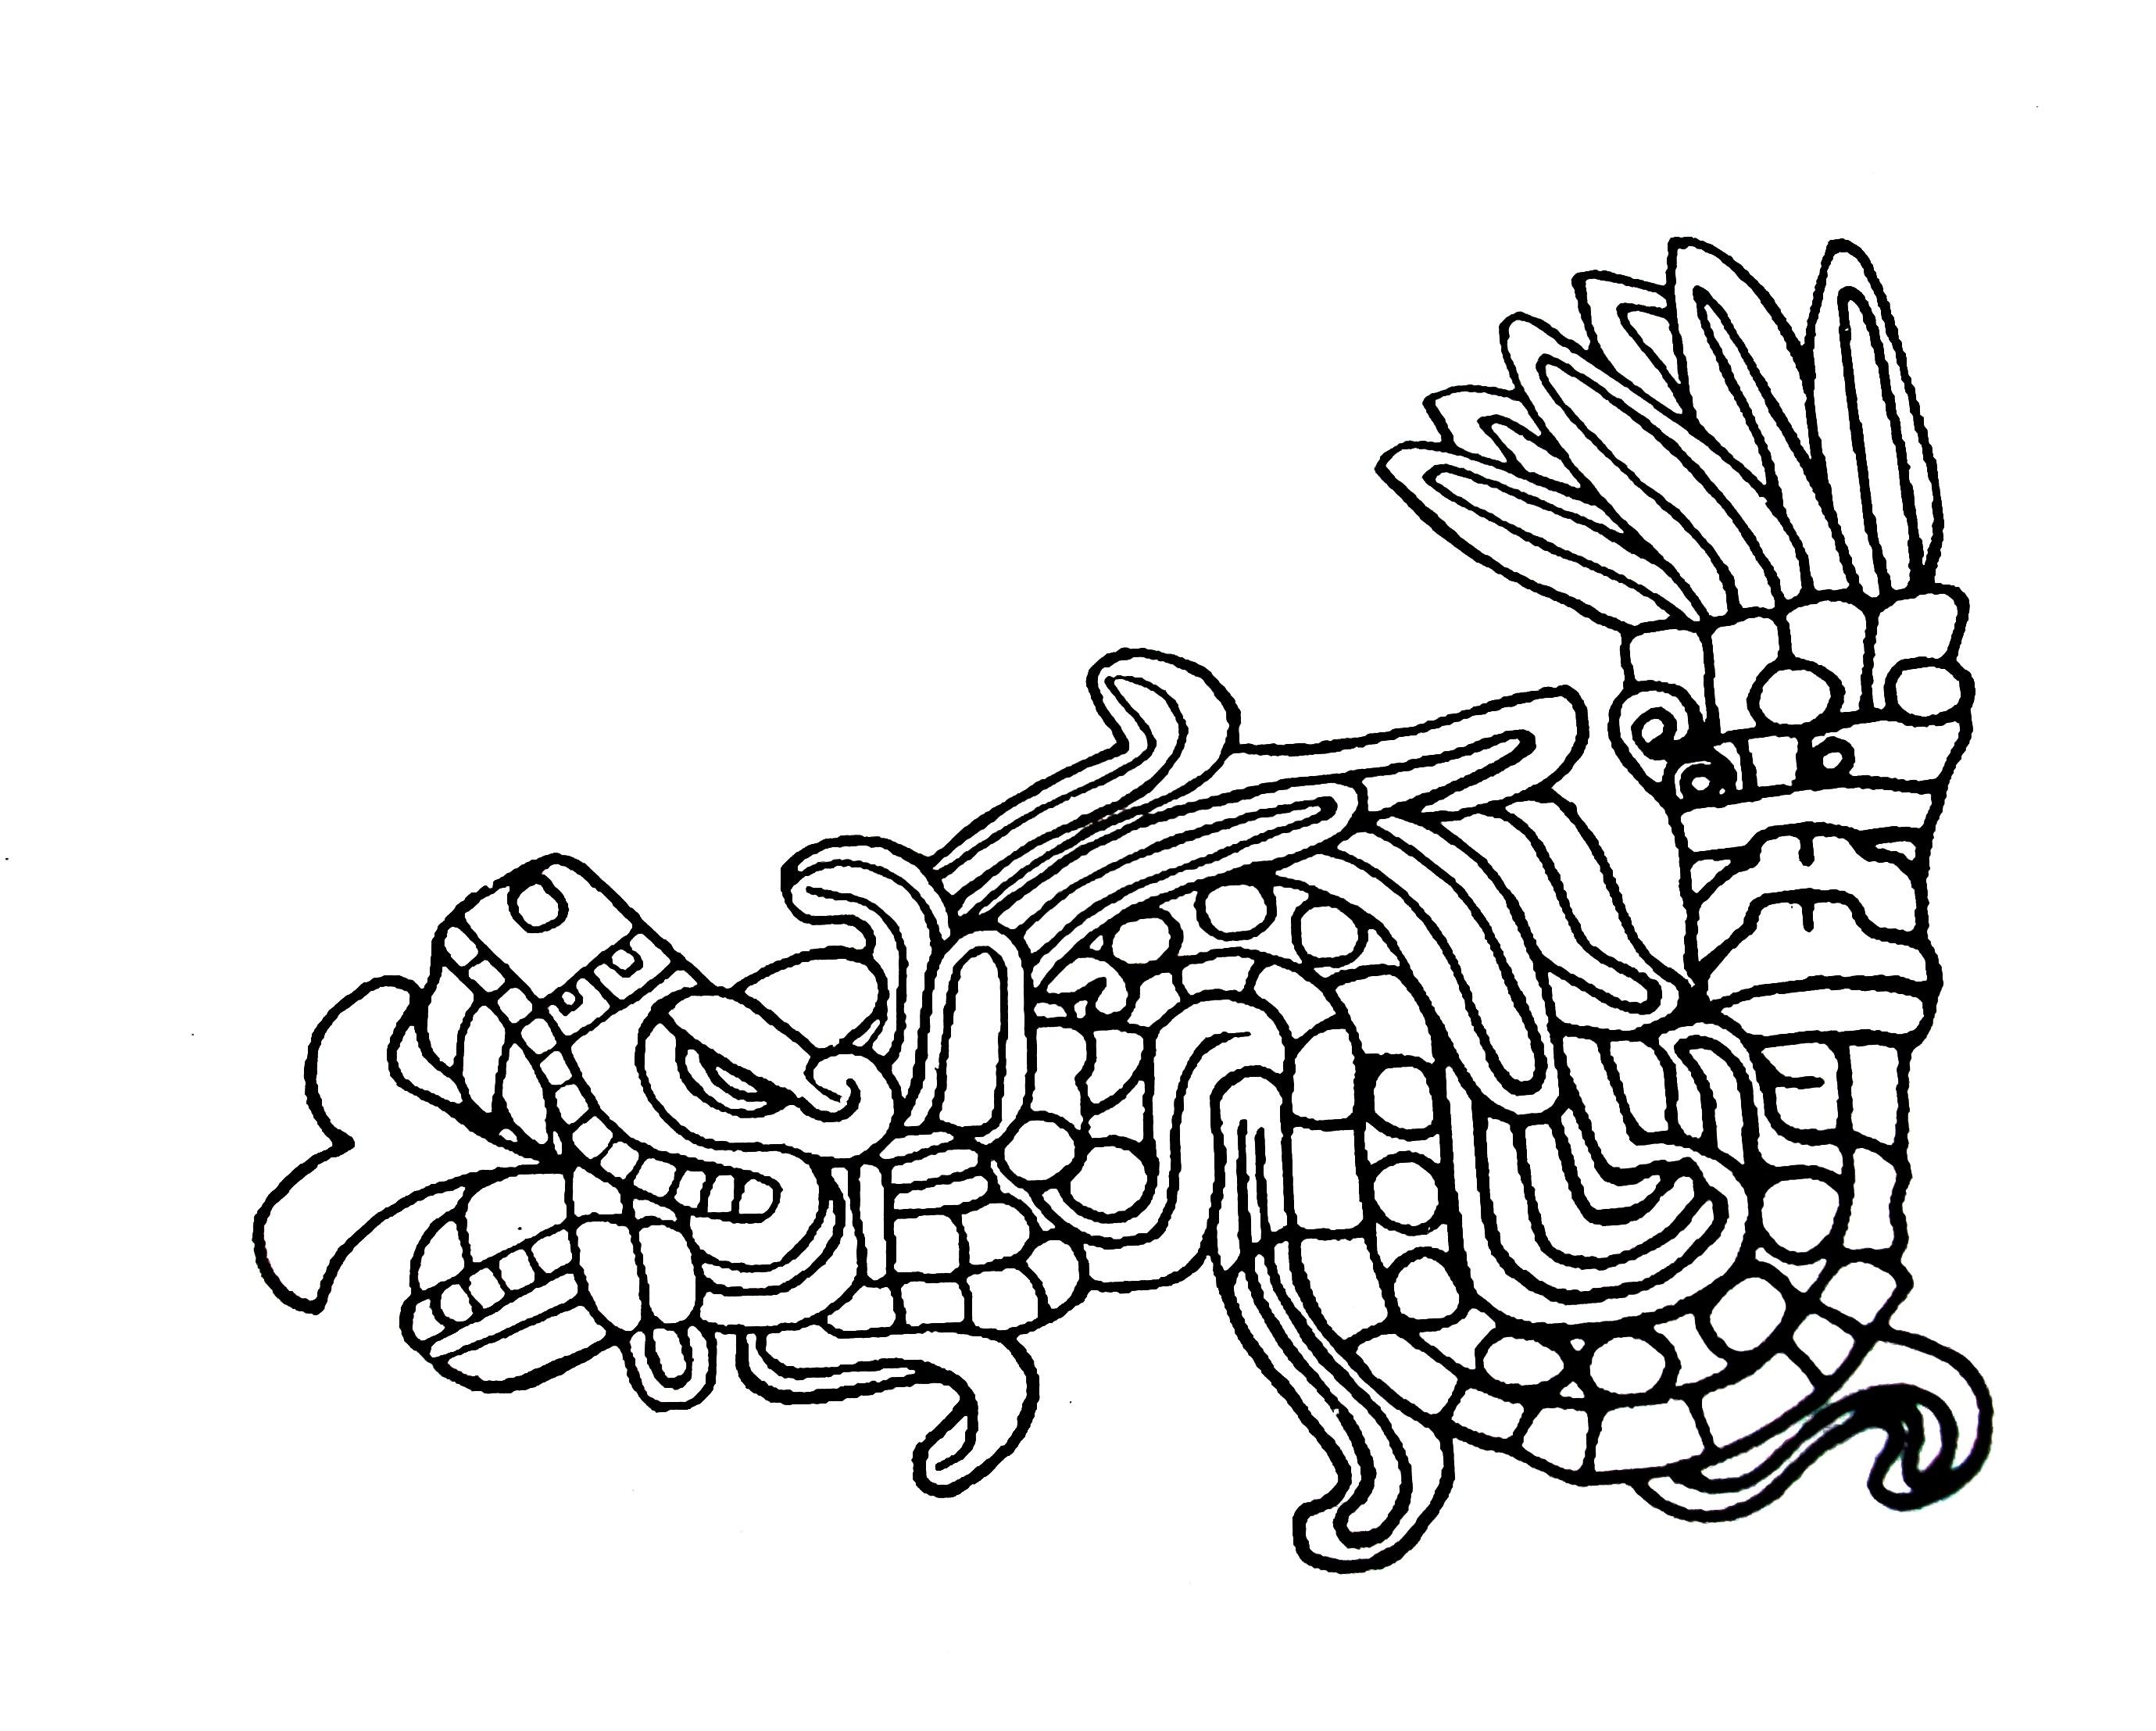 Quetzalc atl historia y mito puri2aprendiendovida for Imagenes de cuadros abstractos en blanco y negro